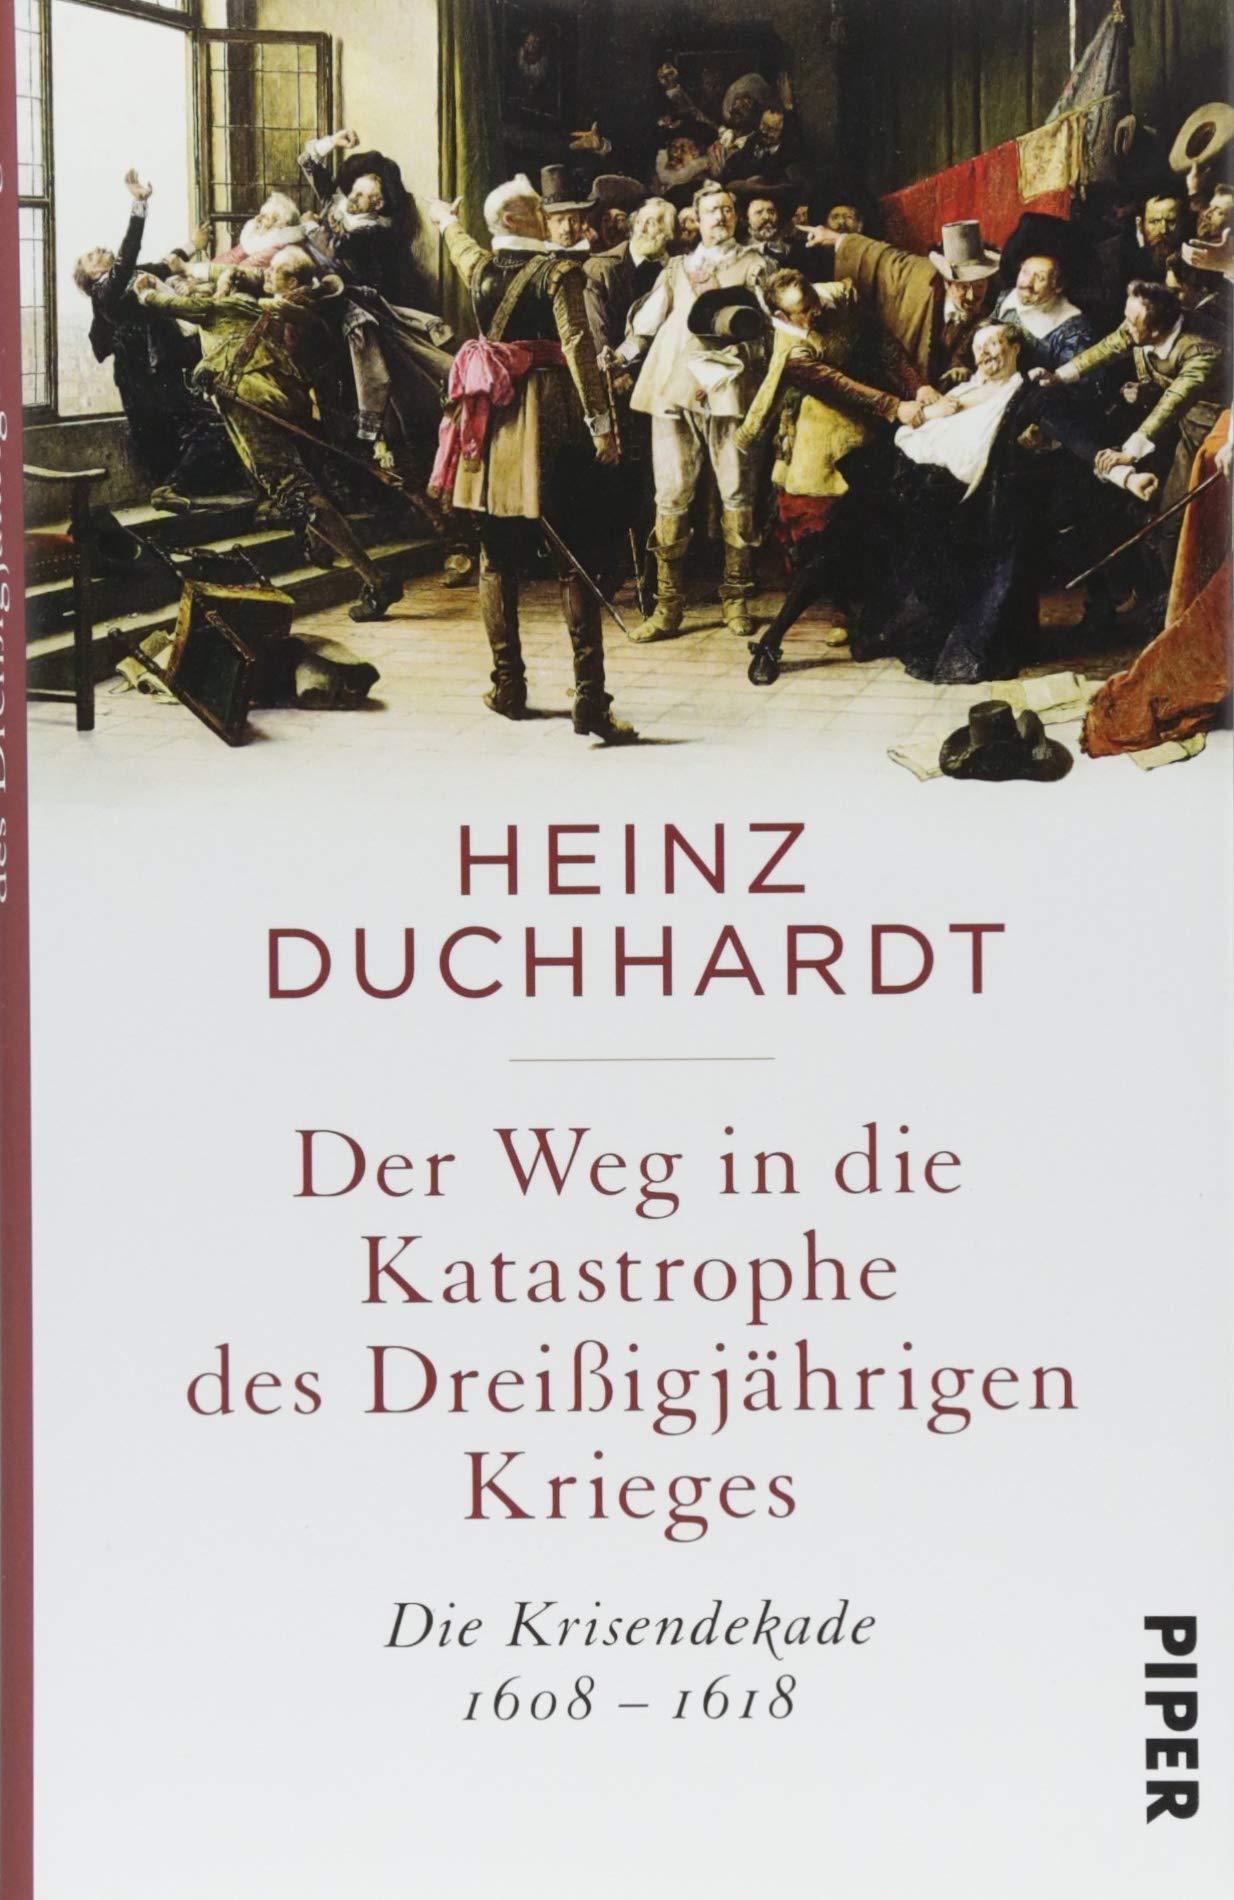 Der Weg in die Katastrophe des Dreißigjährigen Krieges: Die Krisendekade 1608-1618